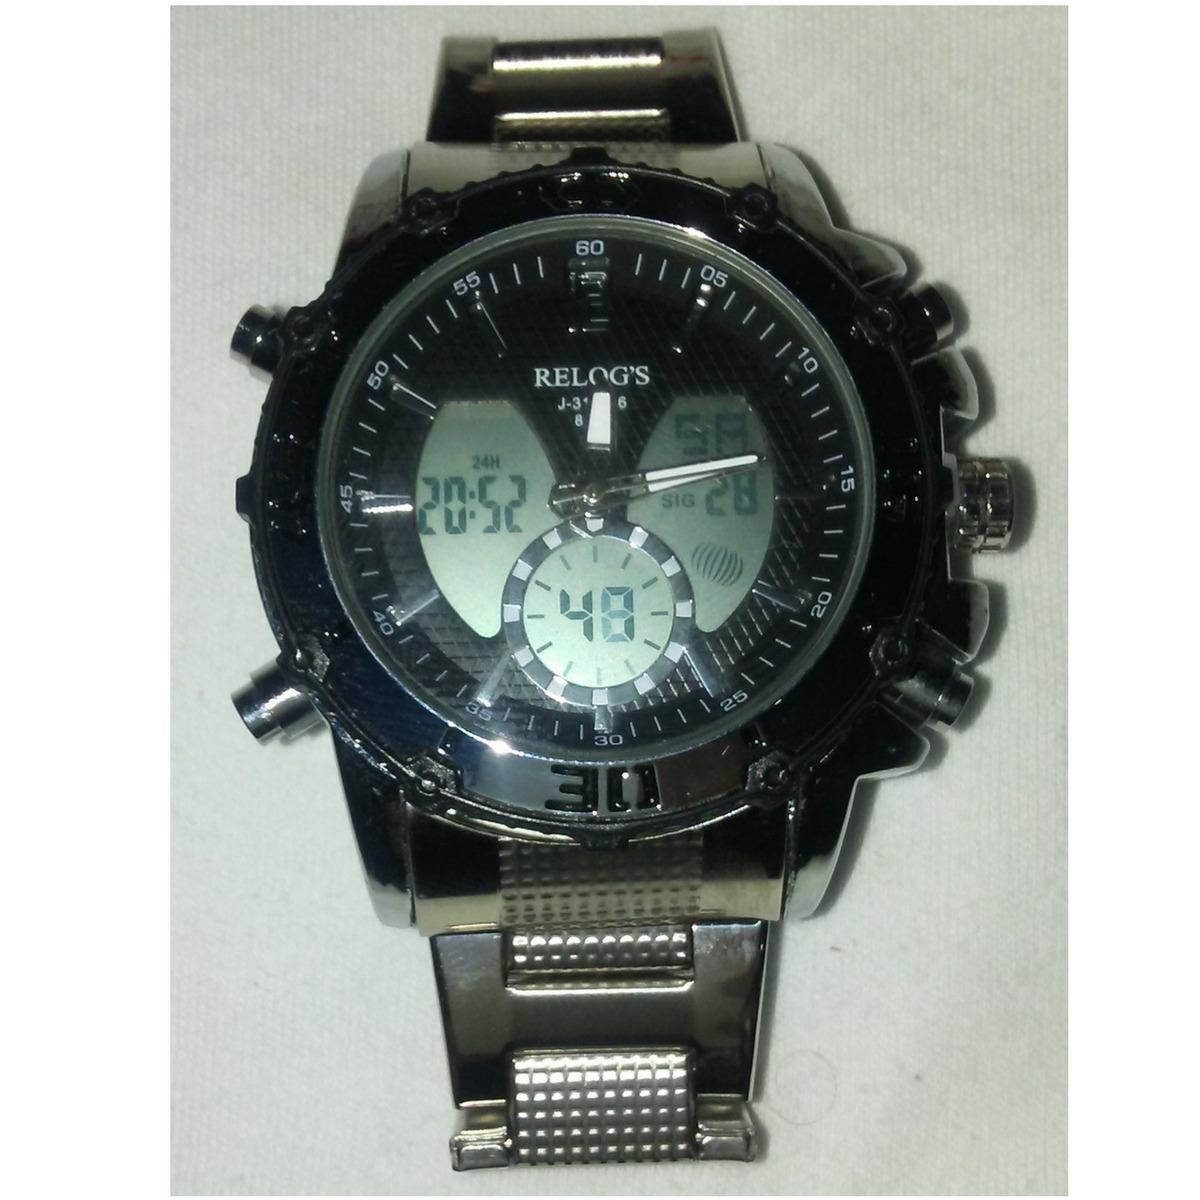 6e4f77a8017 relógio relog s prova d água modelo rr8110 - frete grátis. Carregando zoom.